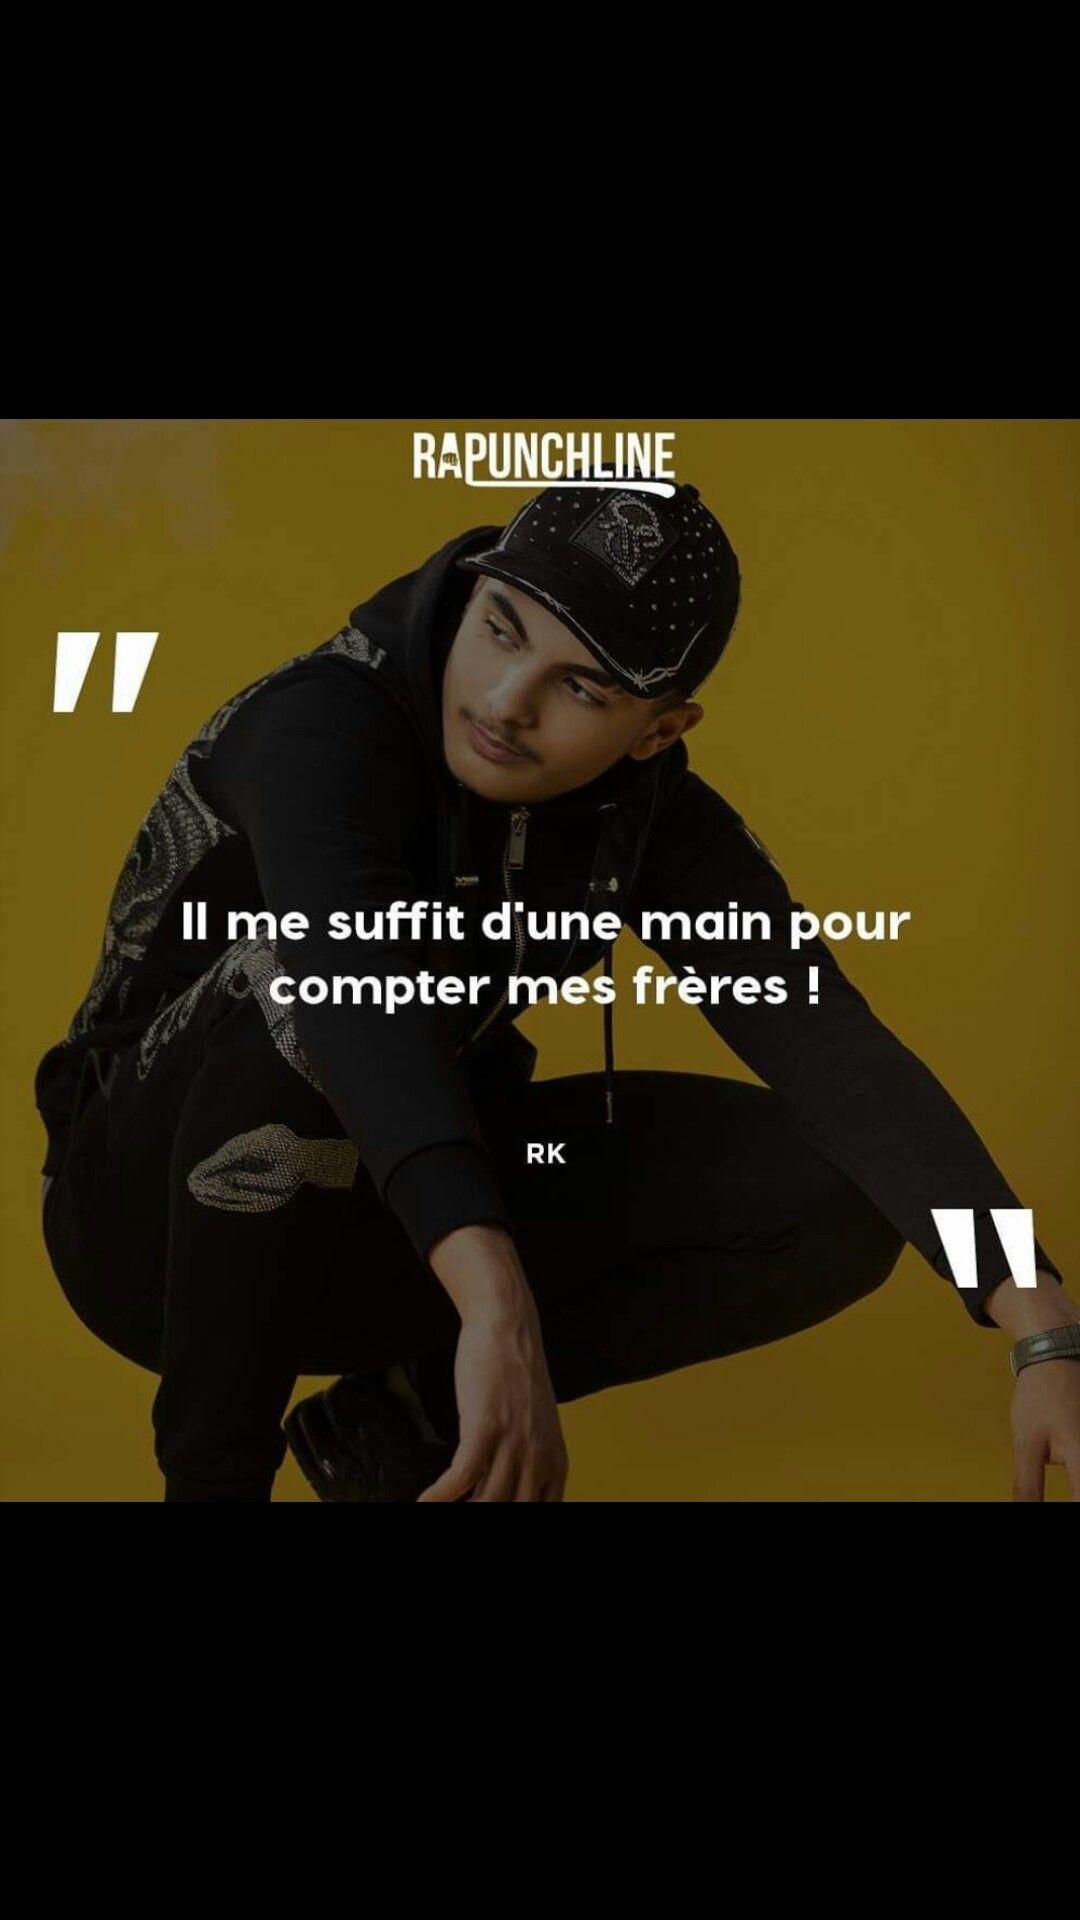 Épinglé par Amira sur Rk ❤️♂️ | Citations de rap, Rap